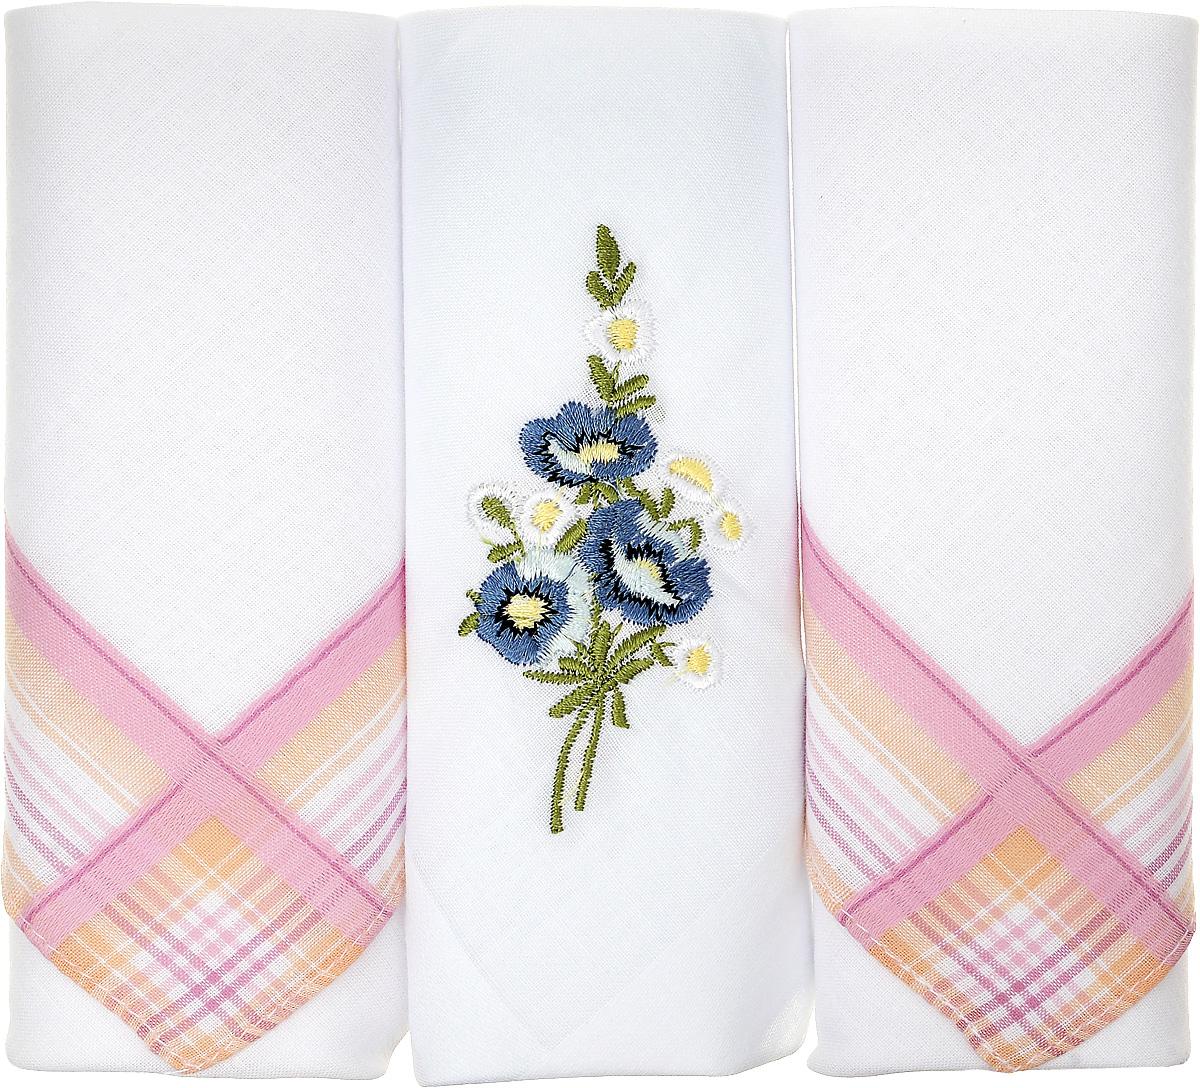 Платок носовой женский Zlata Korunka, цвет: белый, розовый, 3 шт. 90329-38. Размер 29 см х 29 см39864|Серьги с подвескамиНебольшой женский носовой платок Zlata Korunka изготовлен из высококачественного натурального хлопка, благодаря чему приятен в использовании, хорошо стирается, не садится и отлично впитывает влагу. Практичный и изящный носовой платок будет незаменим в повседневной жизни любого современного человека. Такой платок послужит стильным аксессуаром и подчеркнет ваше превосходное чувство вкуса.В комплекте 3 платка.